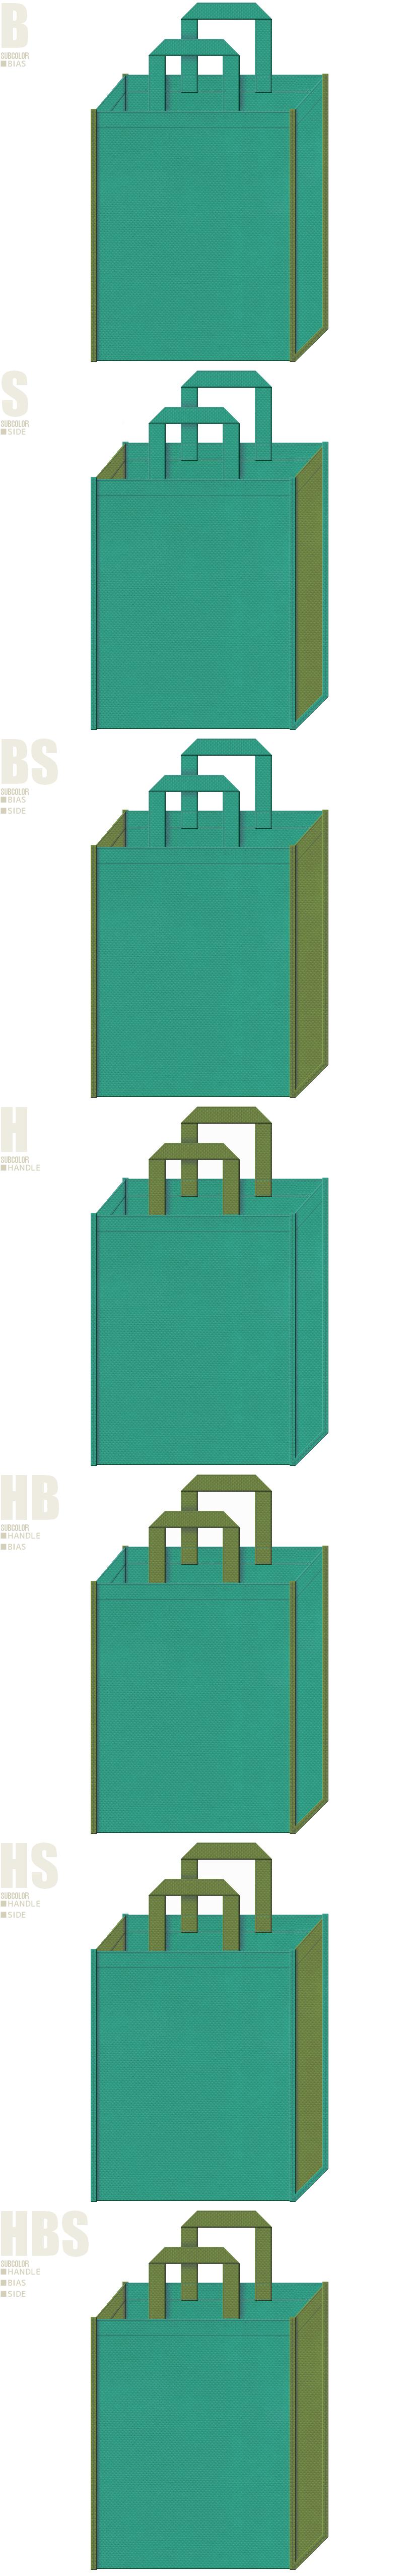 青緑色と草色、7パターンの不織布トートバッグ配色デザイン例。造園用品にお奨めです。